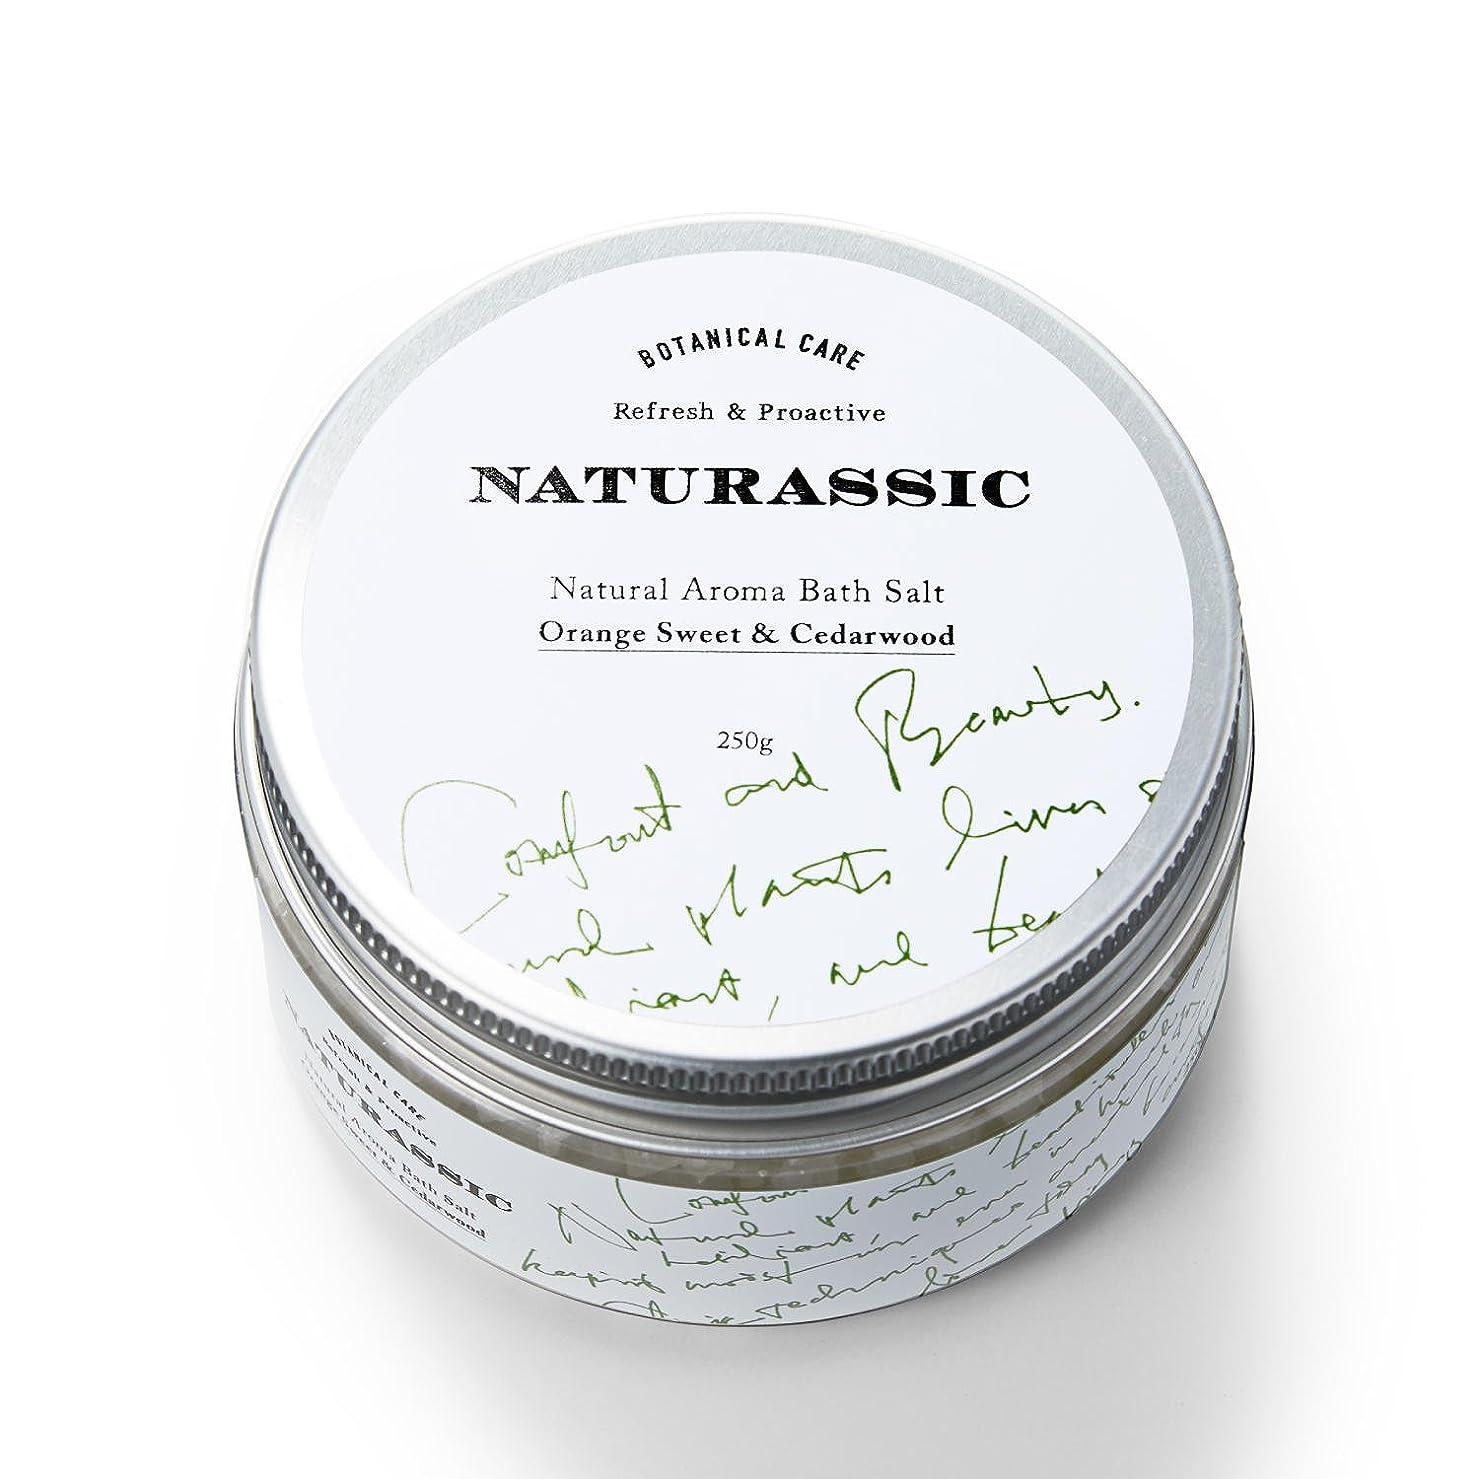 作物現代オーガニックナチュラシック ナチュラルアロマバスソルトOC オレンジスイート&シダーウッドの香り 250g [天然由来成分100%]